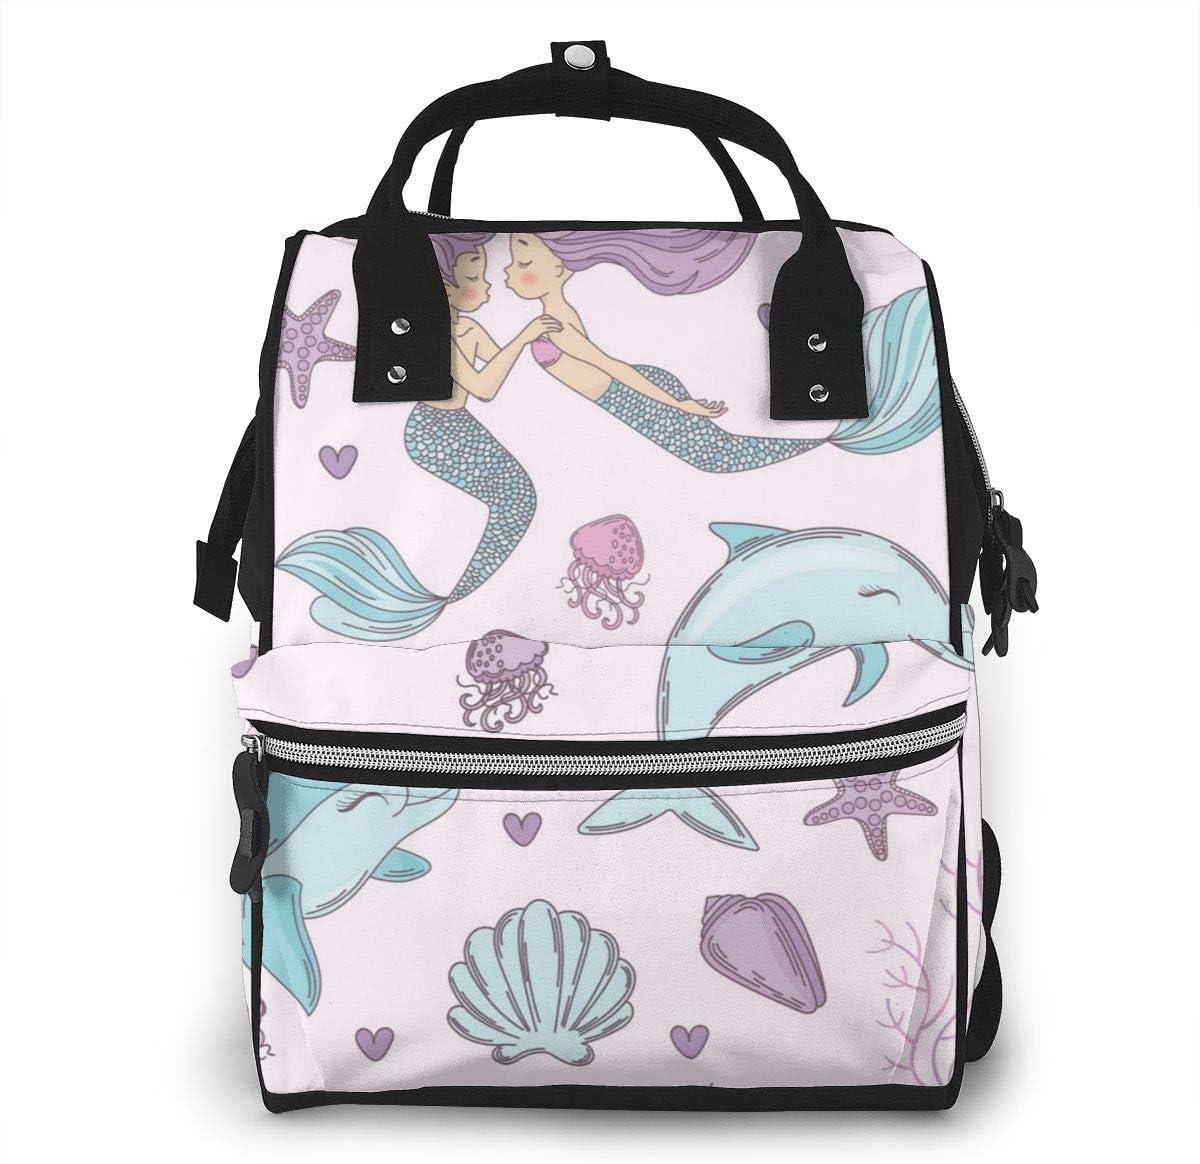 Bolsa de pañales de gran capacidad, impermeable, bolsa de repuesto para el cuidado del bebé, versátil, elegante y duradera, apta para mamá y papá (delfín appy sirena boda bajo el agua mar)